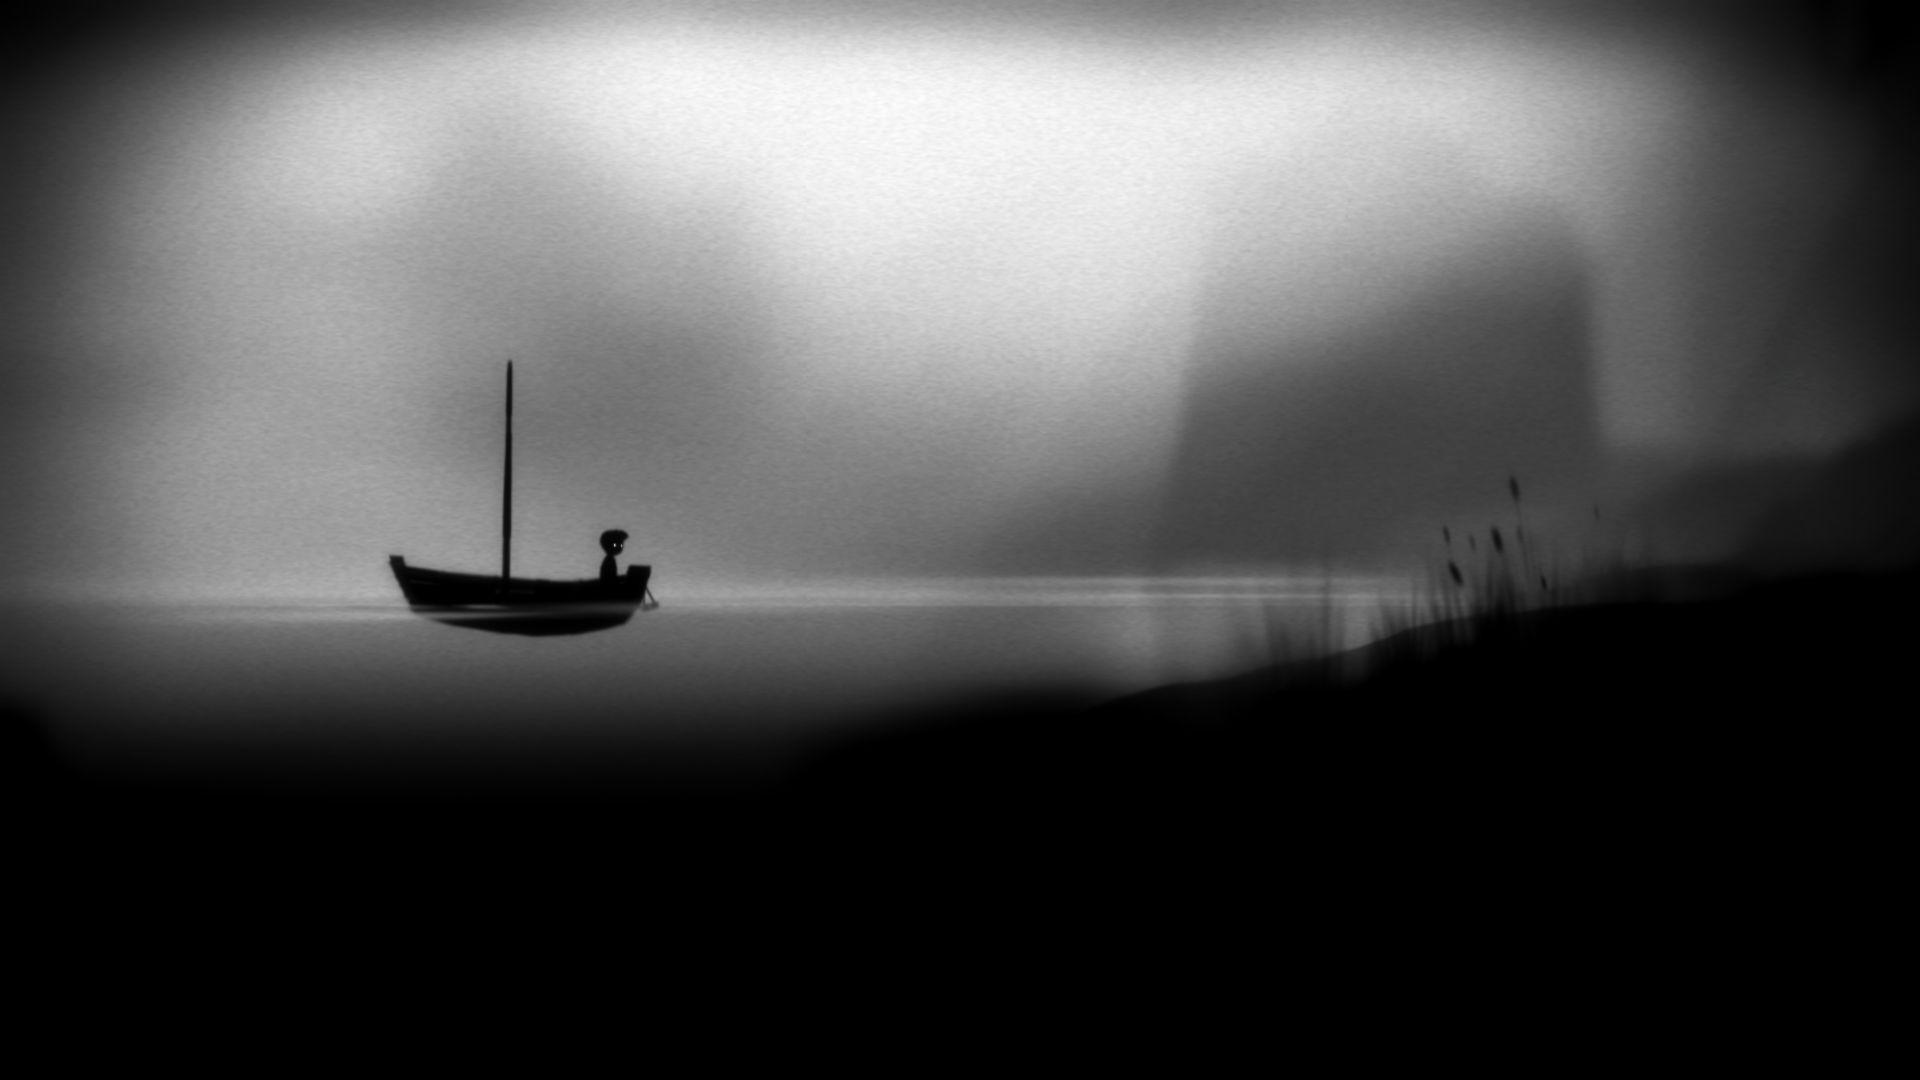 تنها در جنگل و سوار بر قایق